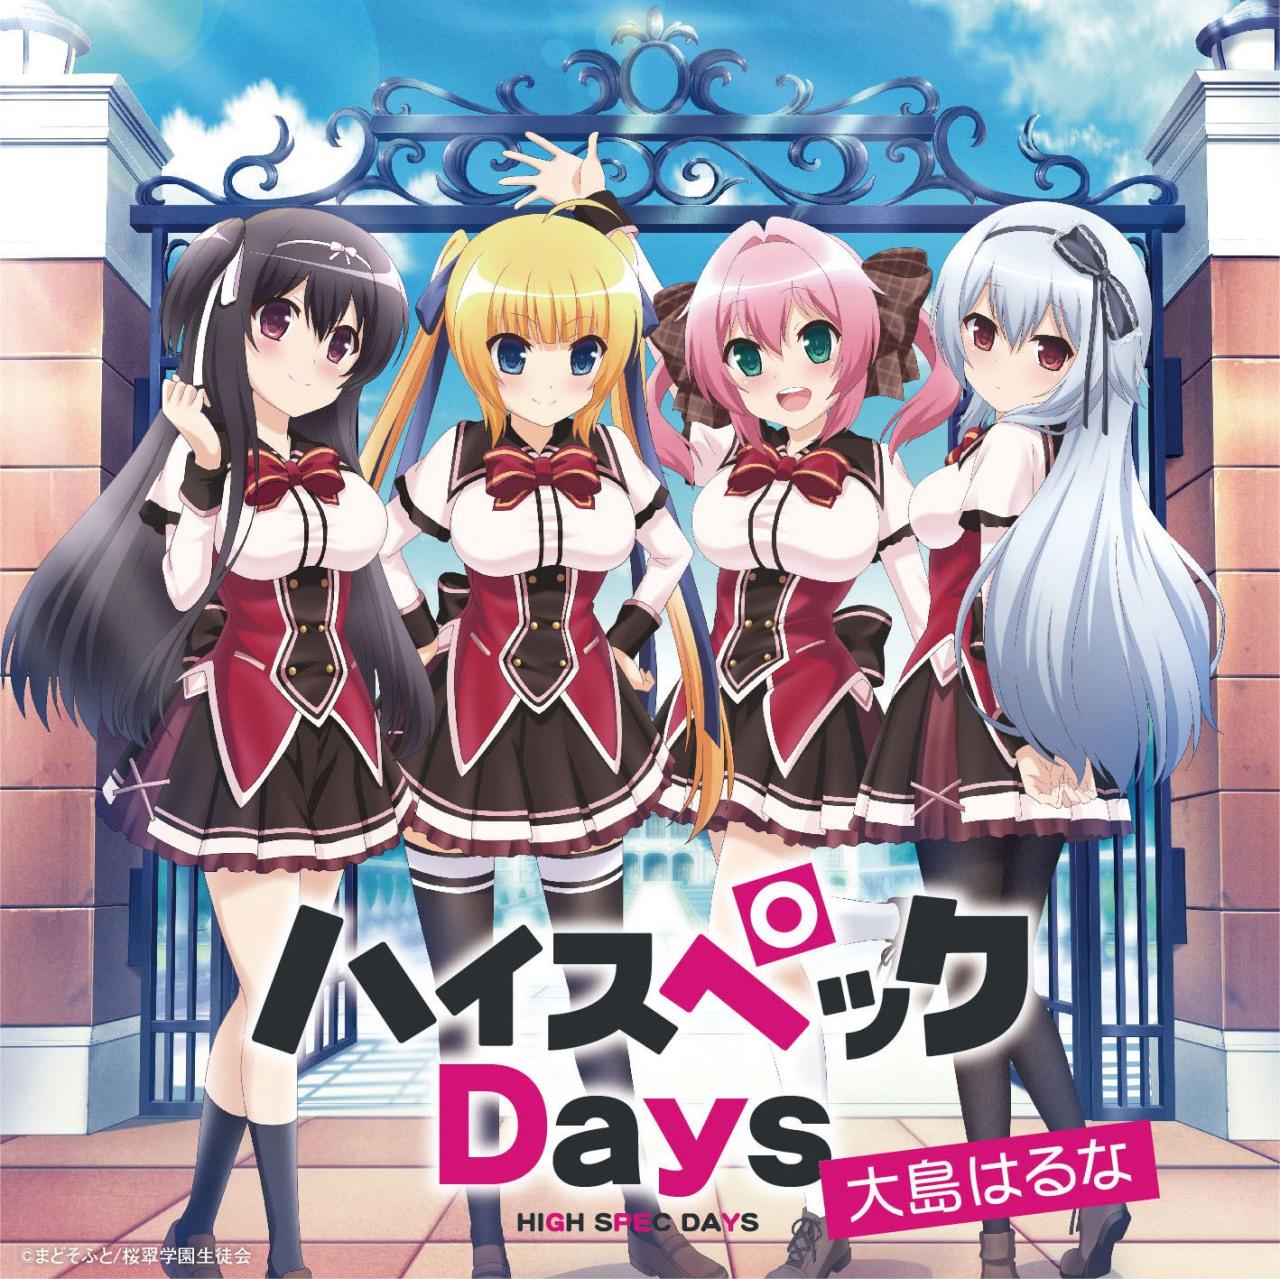 主題歌 大島はるな「ハイスペックDays」 6月22日発売!